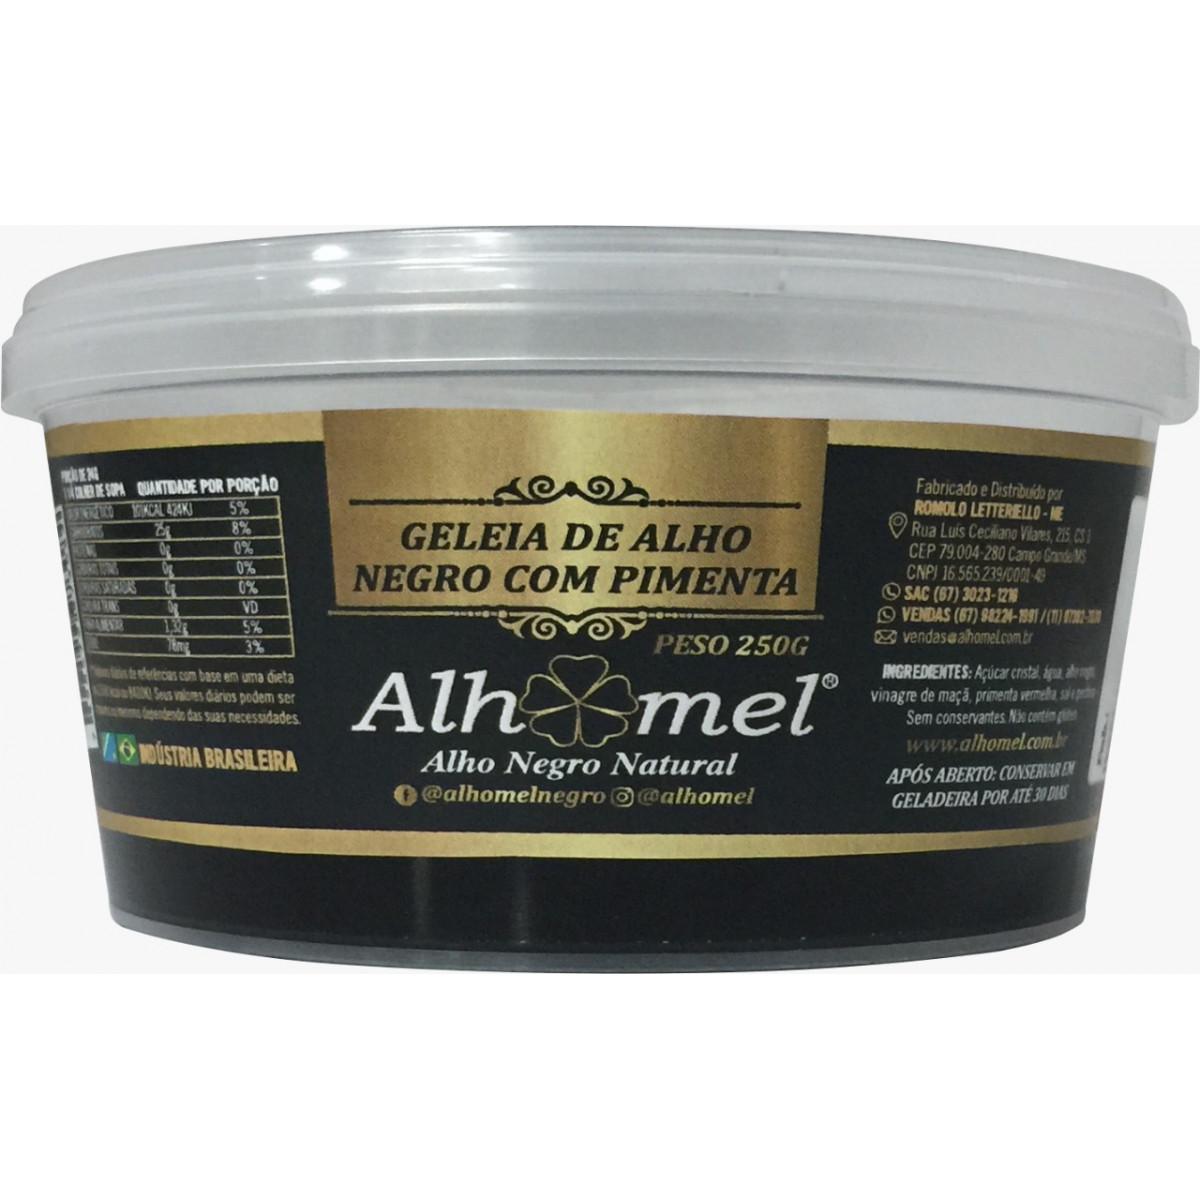 Geleia de Alho Negro com Pimenta 250 g